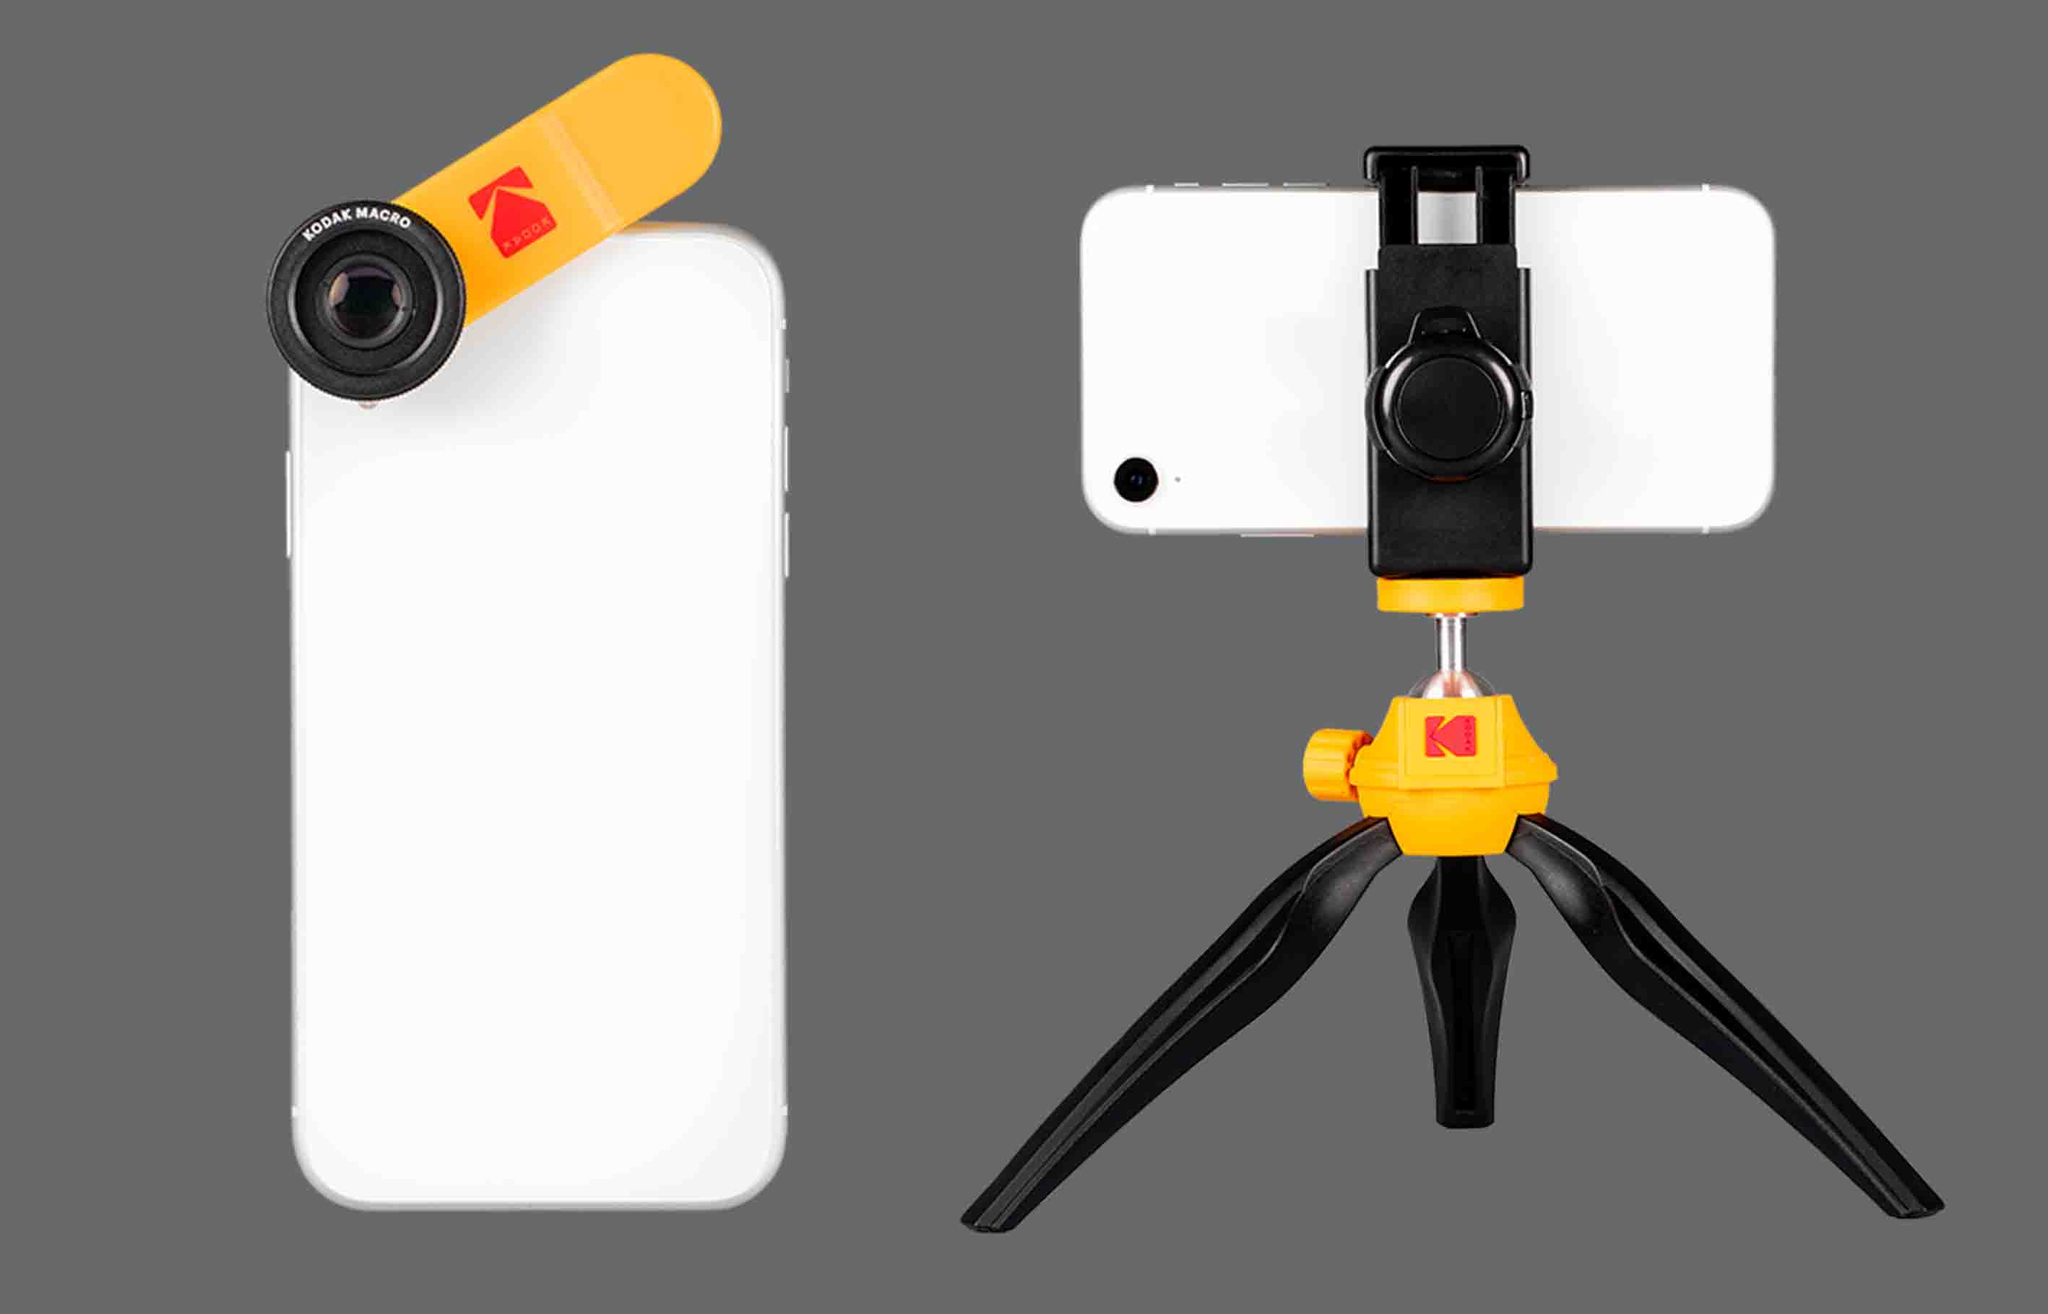 필름 시절, 빈티지한 감성이 필요하다면 코닥의 스마트폰 카메라 키트만 있으면 된다.